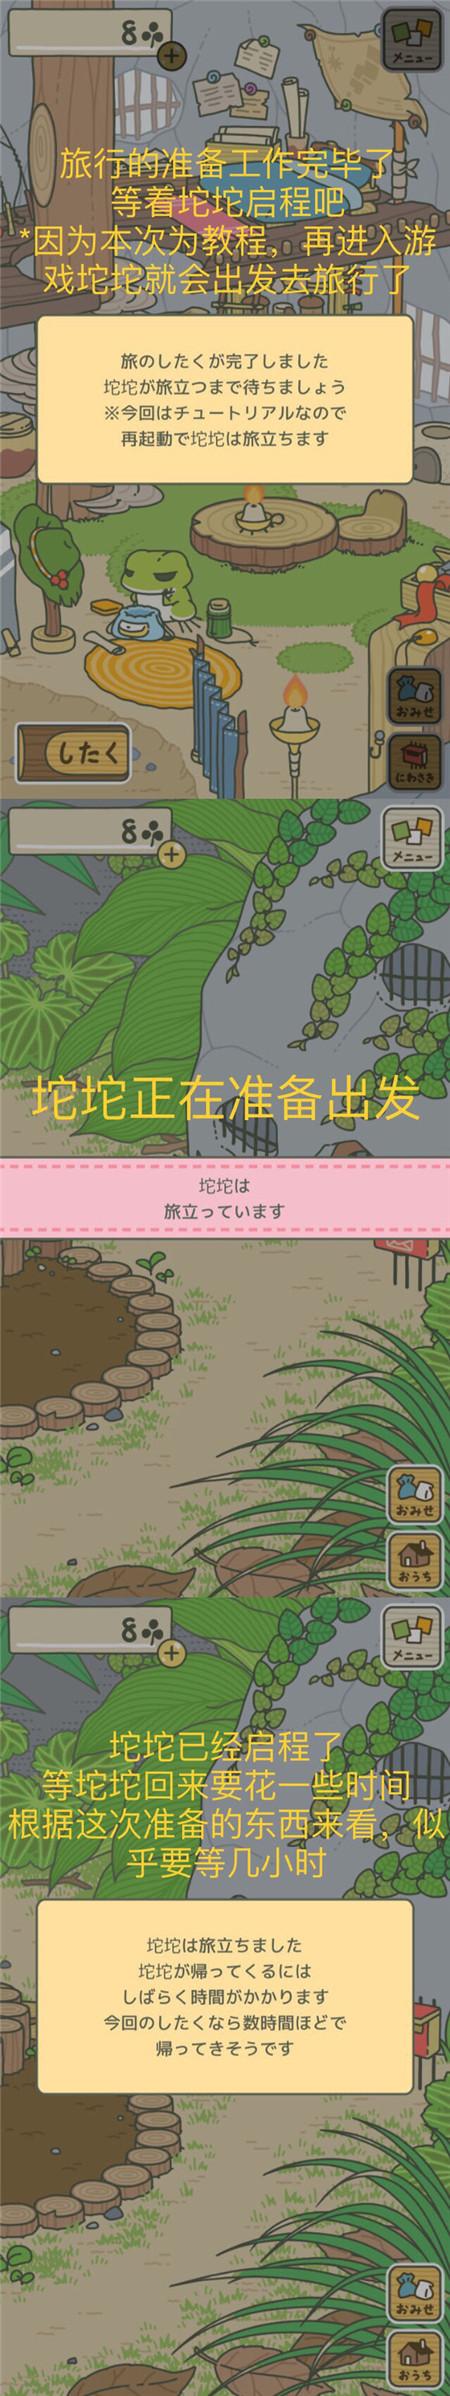 旅行青蛙全场景日文转中文翻译图文全汇总